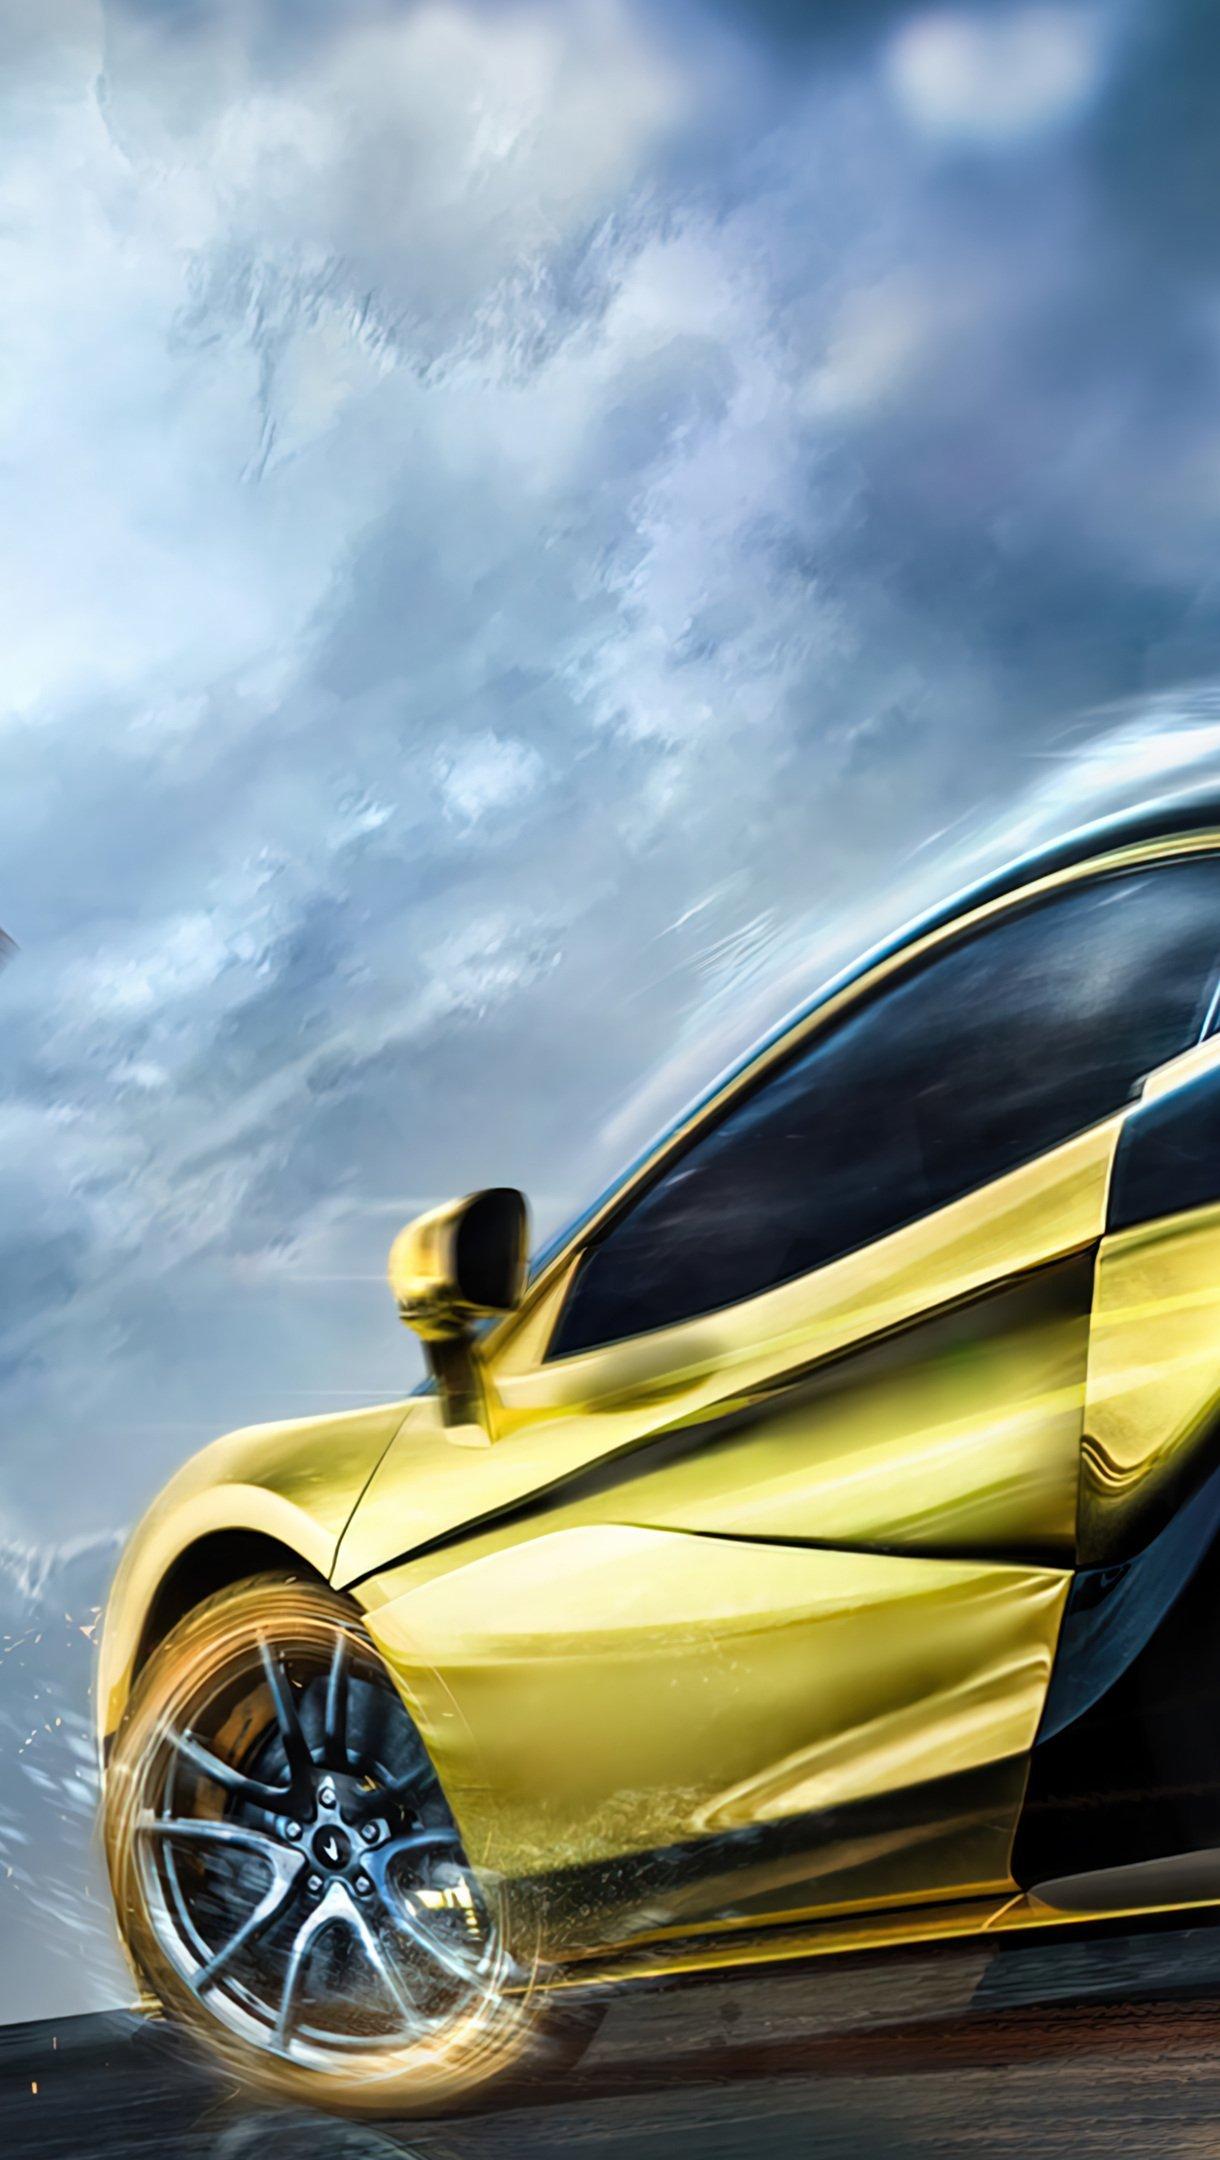 Fondos de pantalla PUBG Mobile Auto Deportivo Mclaren dorado Vertical